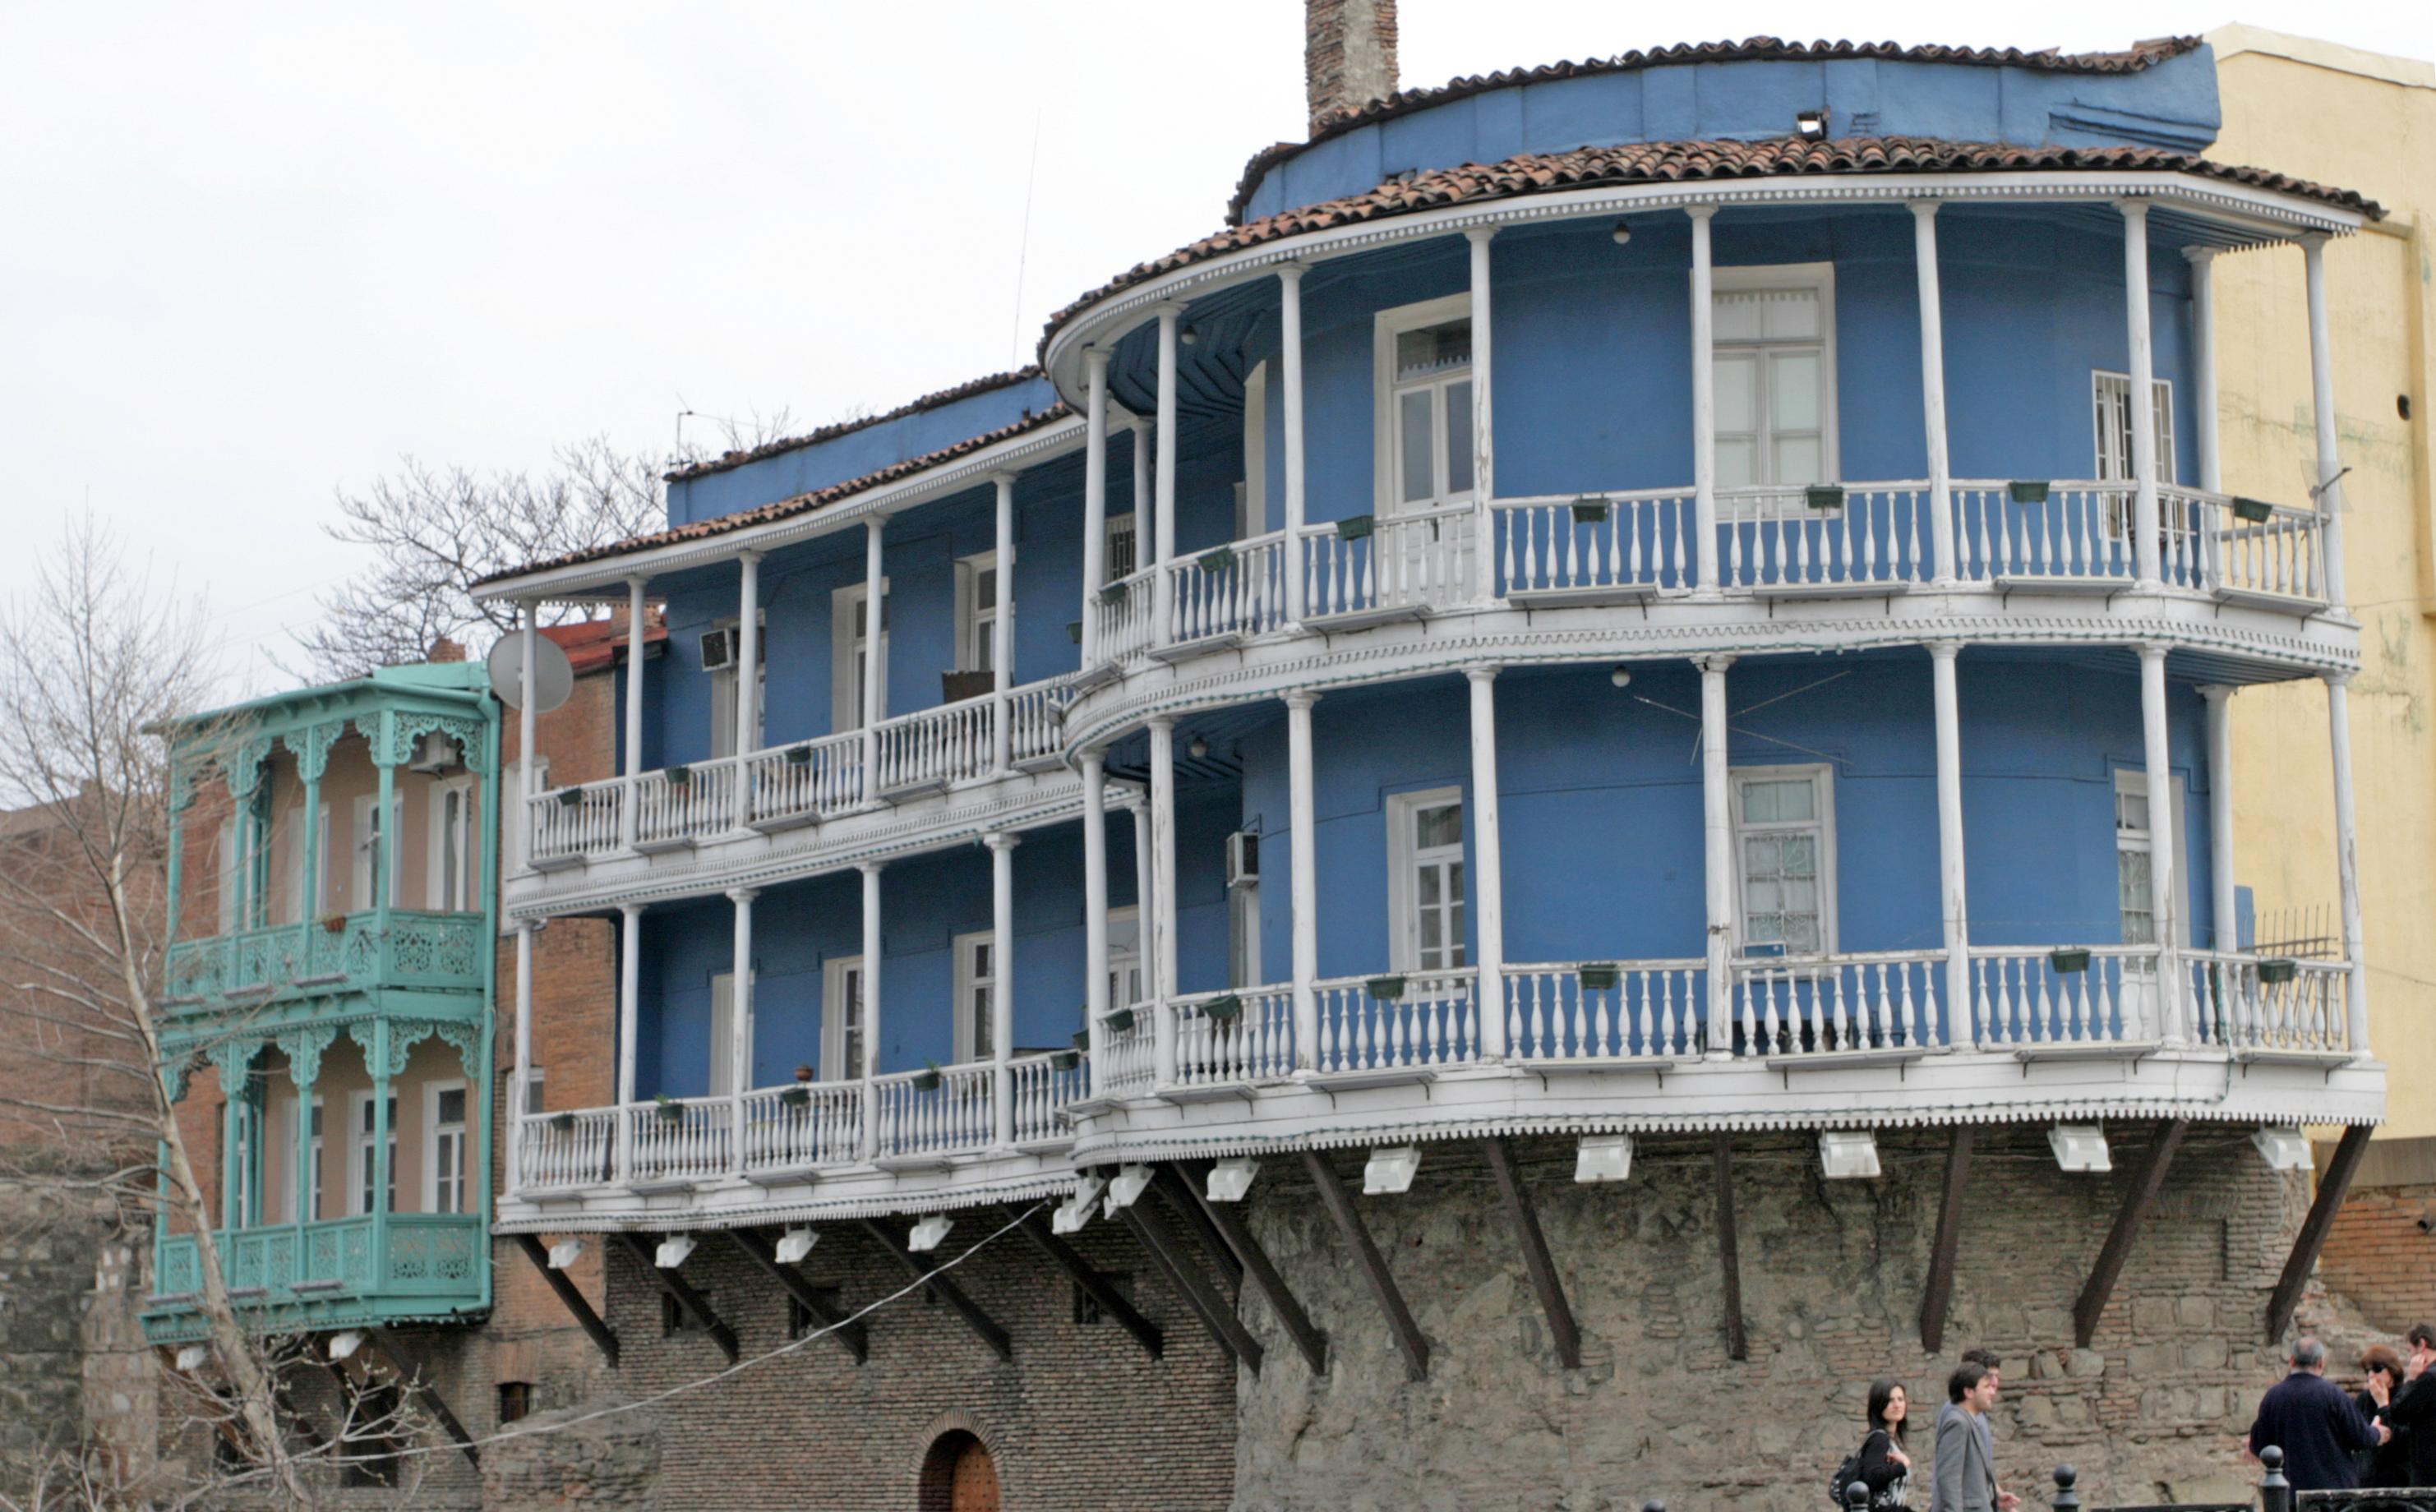 FARGER: Terassehus i pastellfarger er Tbilisis varemerke.